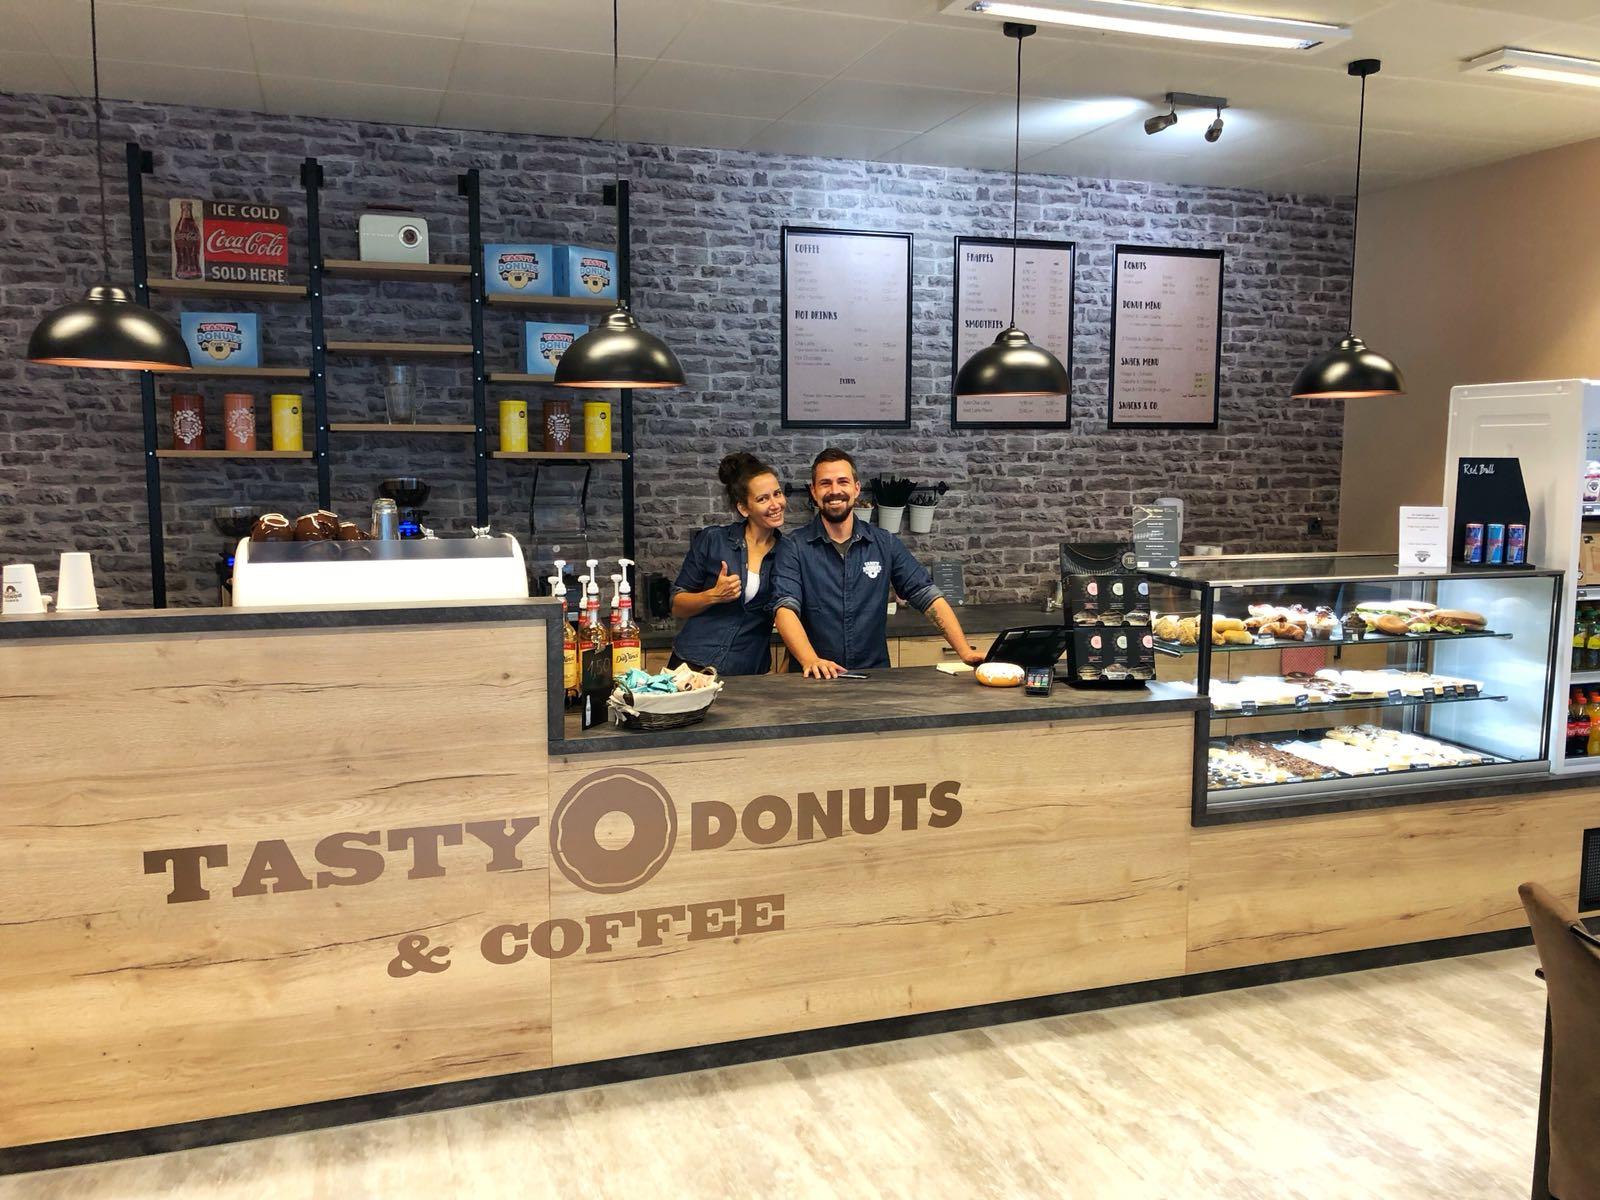 Tasty Donuts & Coffee eröffnet in Winterthur mit neuem Konzept